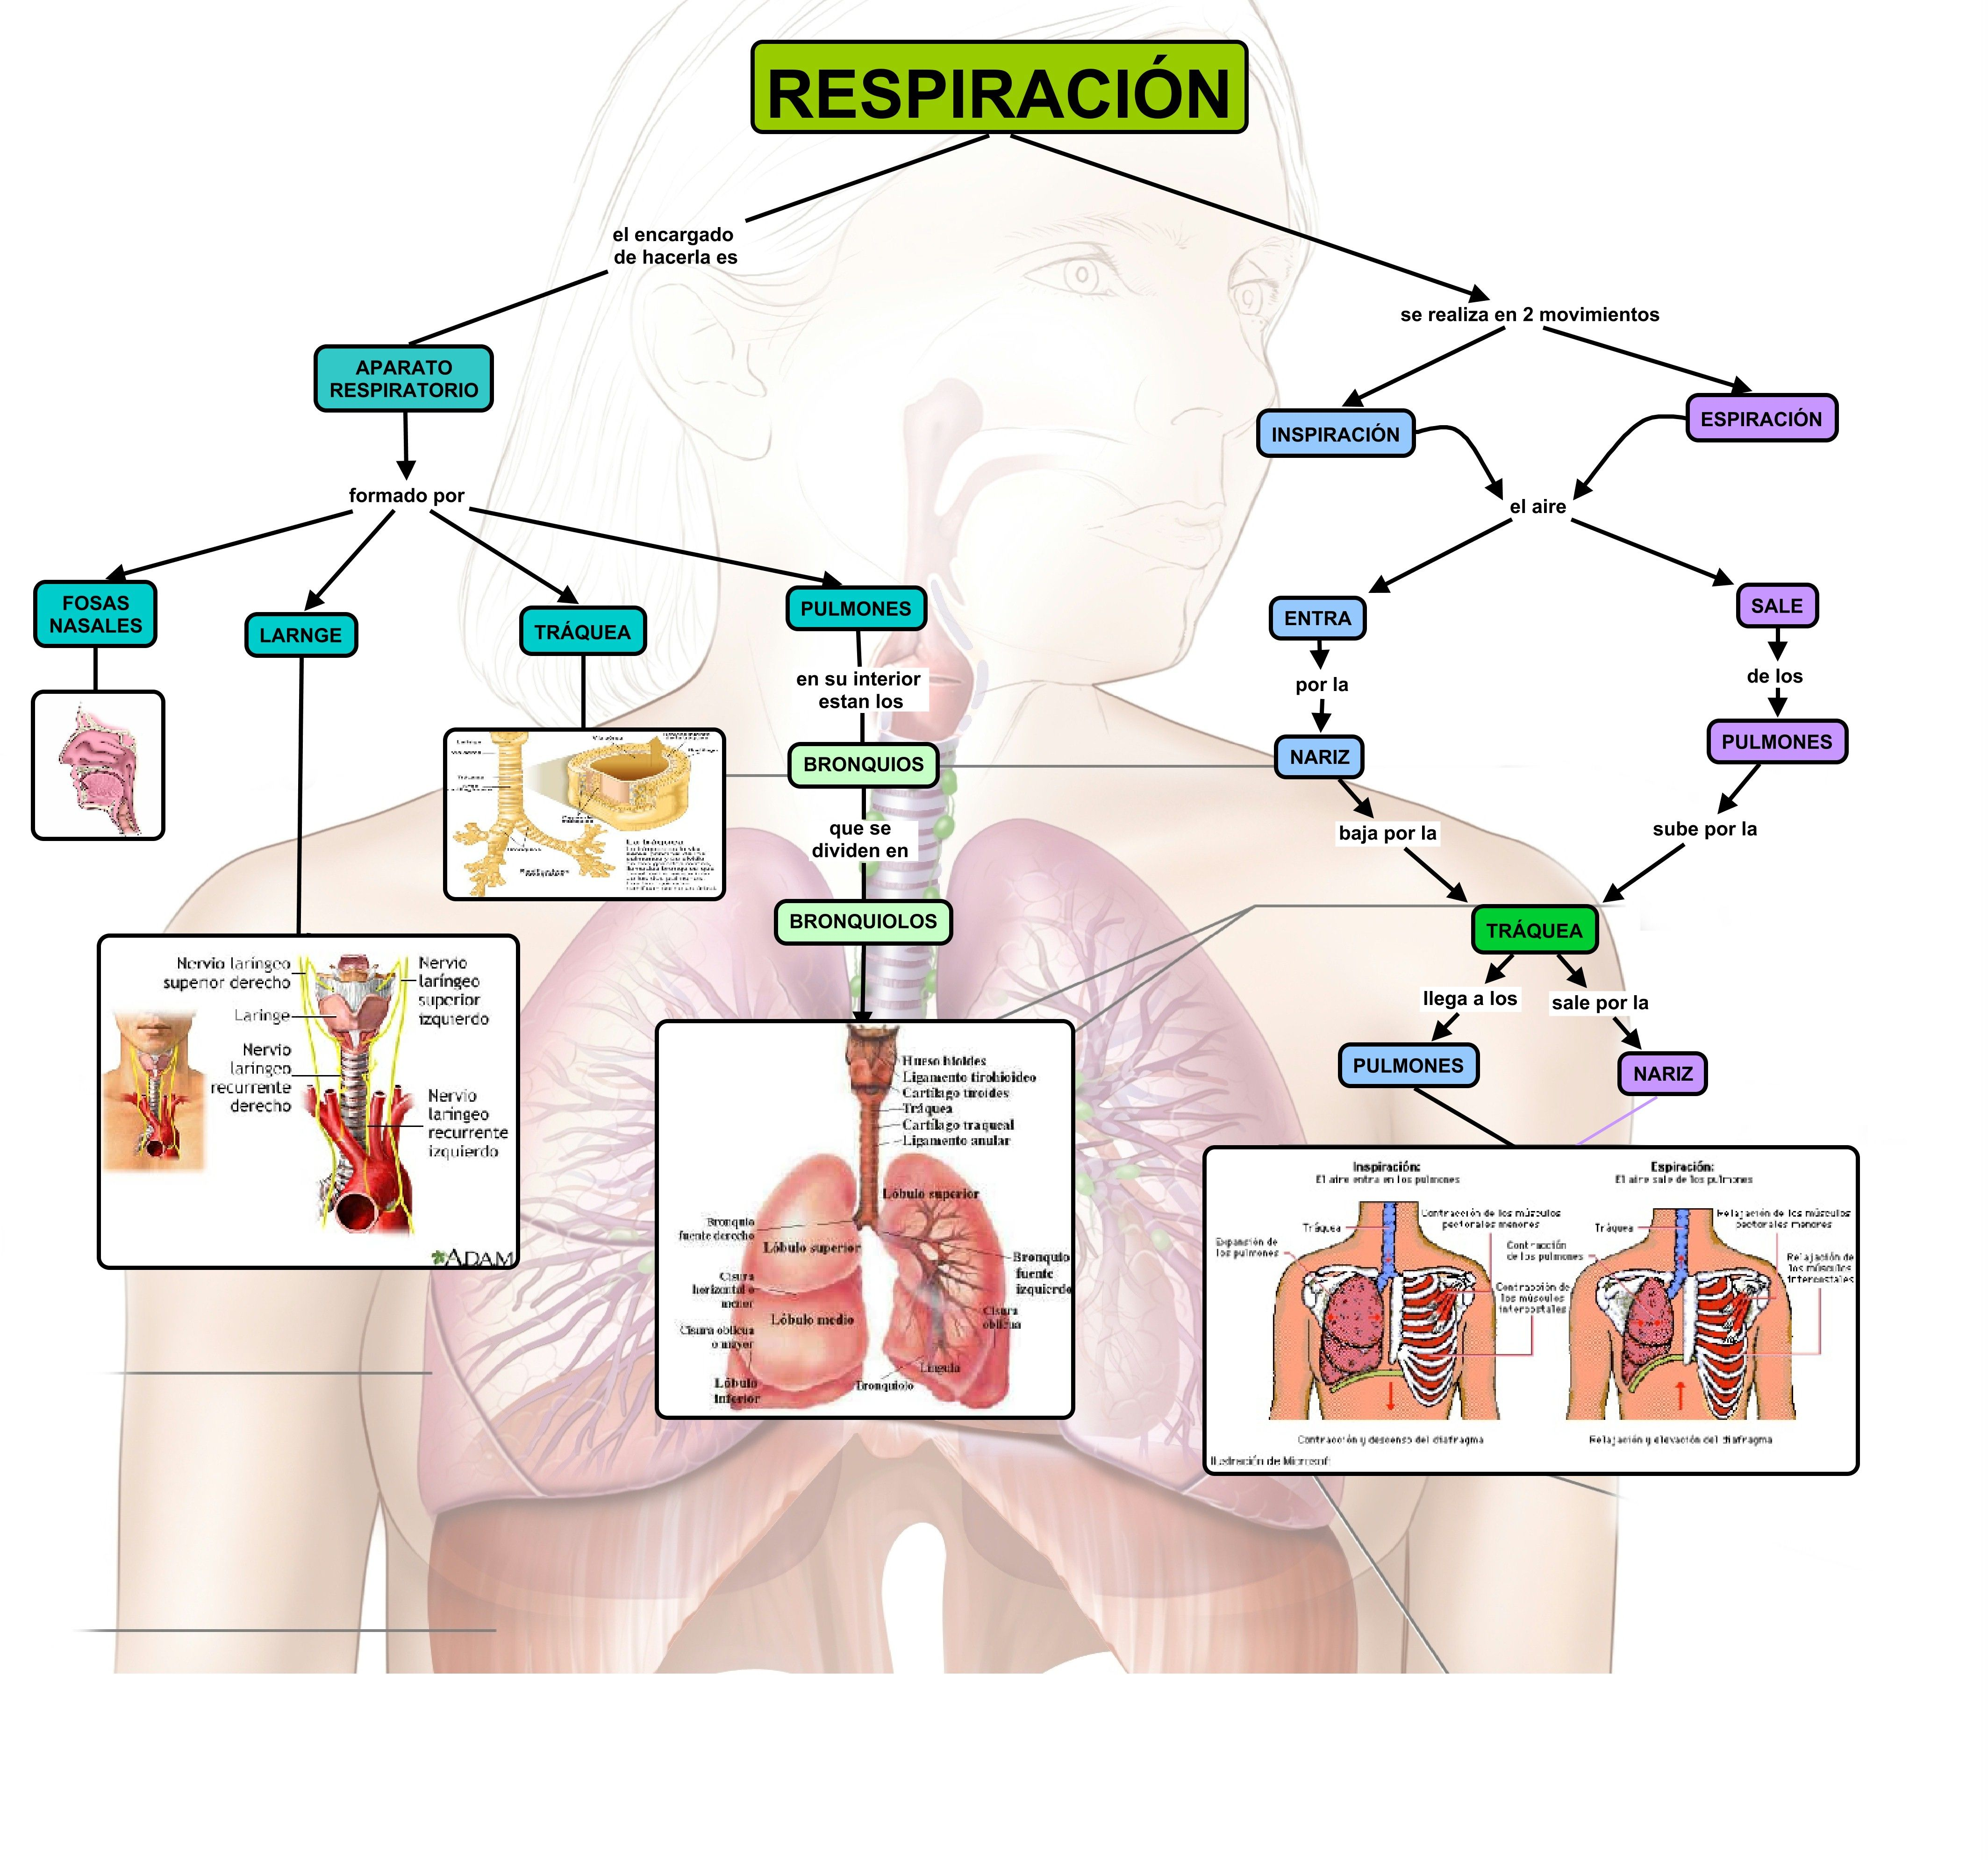 Cuadros Sinopticos Sobre El Aparato Respiratorio Humano Intercambio De Gases Cuadro Comparativ Aparato Respiratorio Humano Aparato Respiratorio Respiratorio